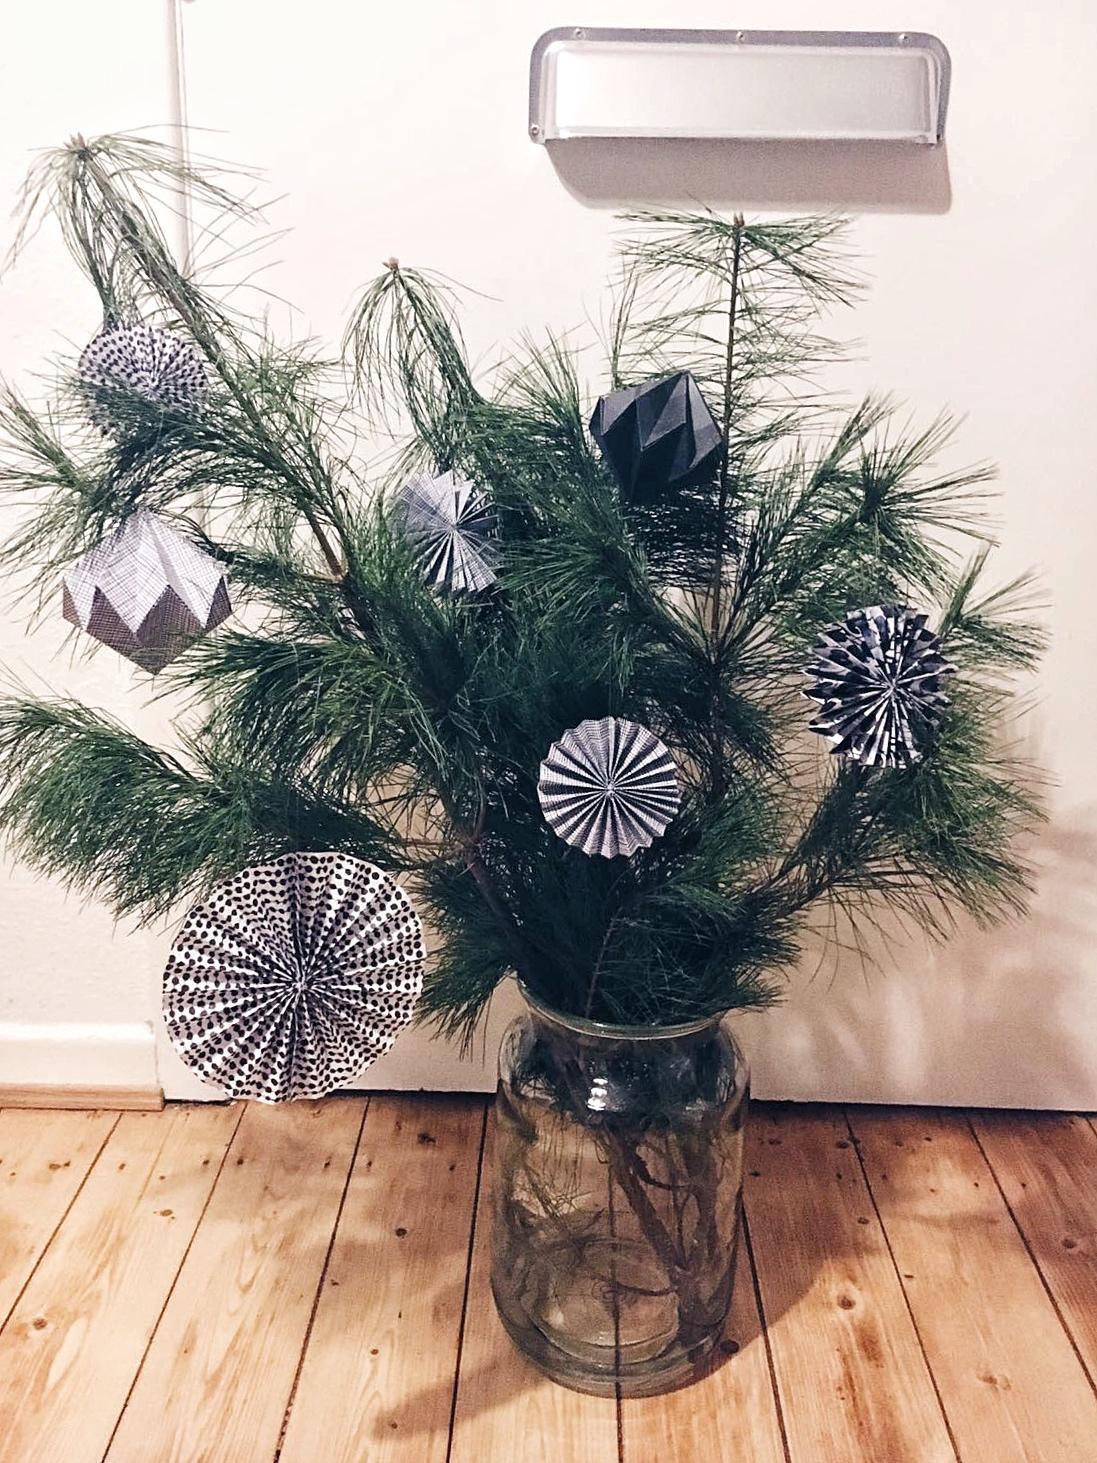 Diy weihnachtsdeko selber basteln bilder ideen - Weihnachtsdeko wohnung ...